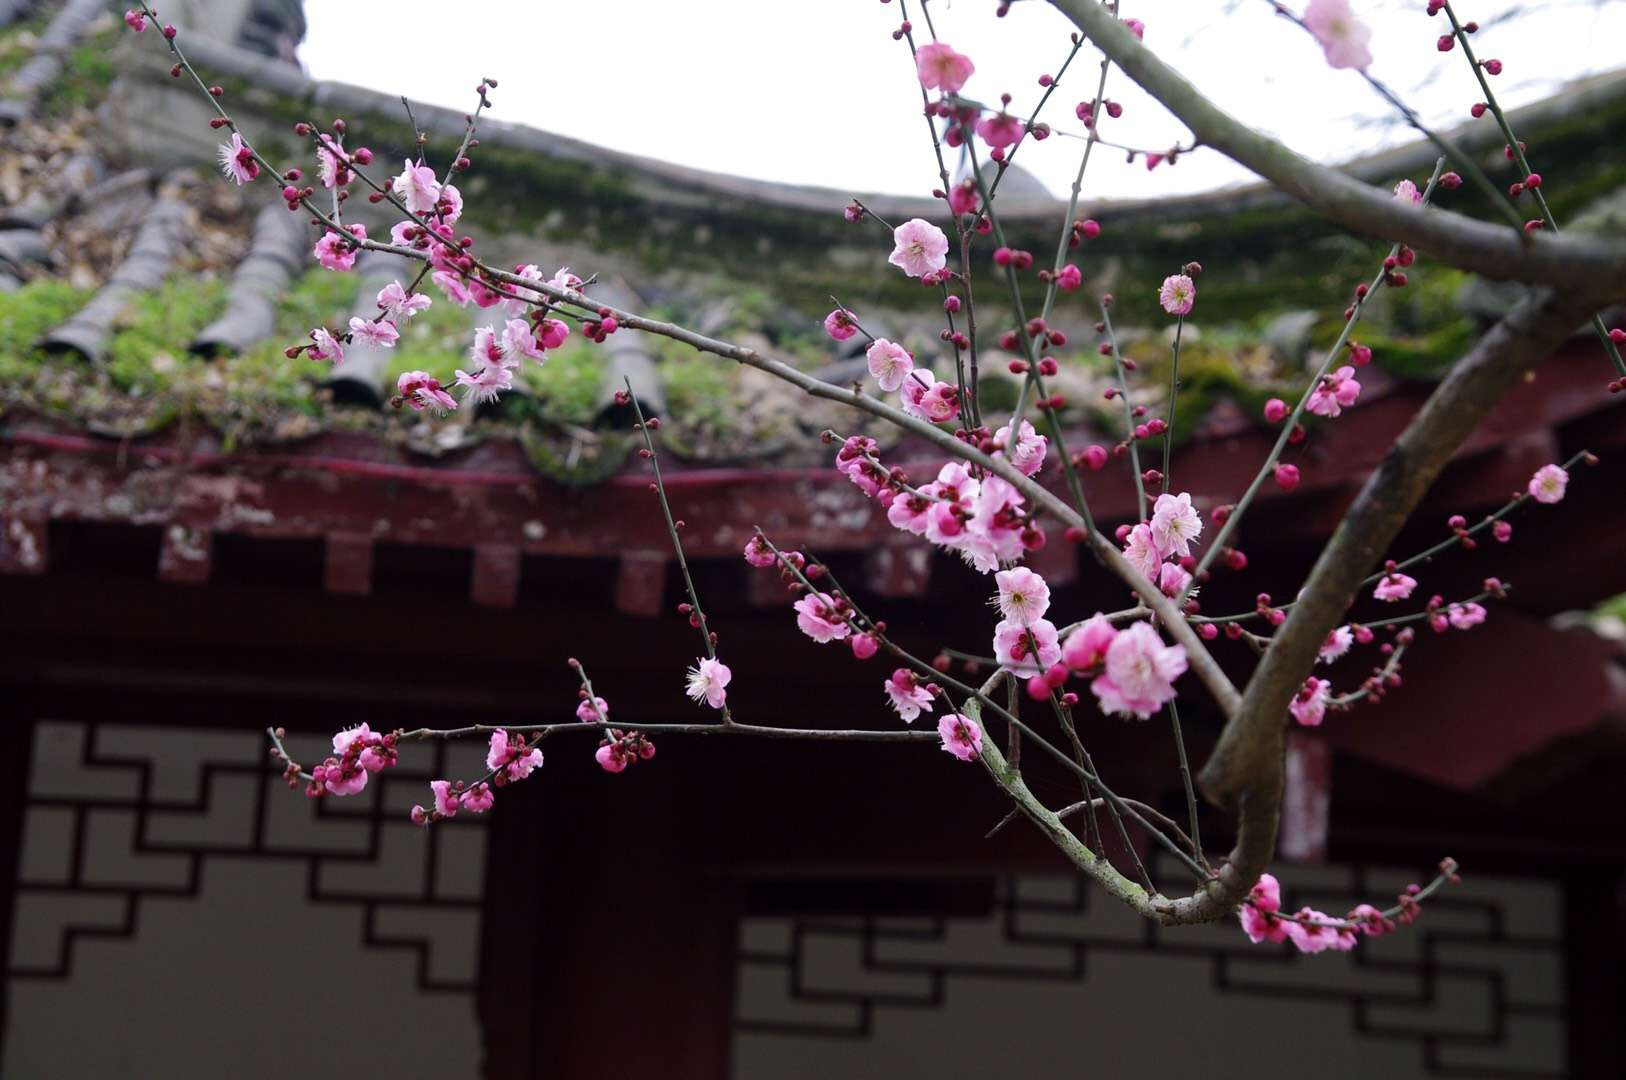 春风得意马蹄疾,一日识尽江城花